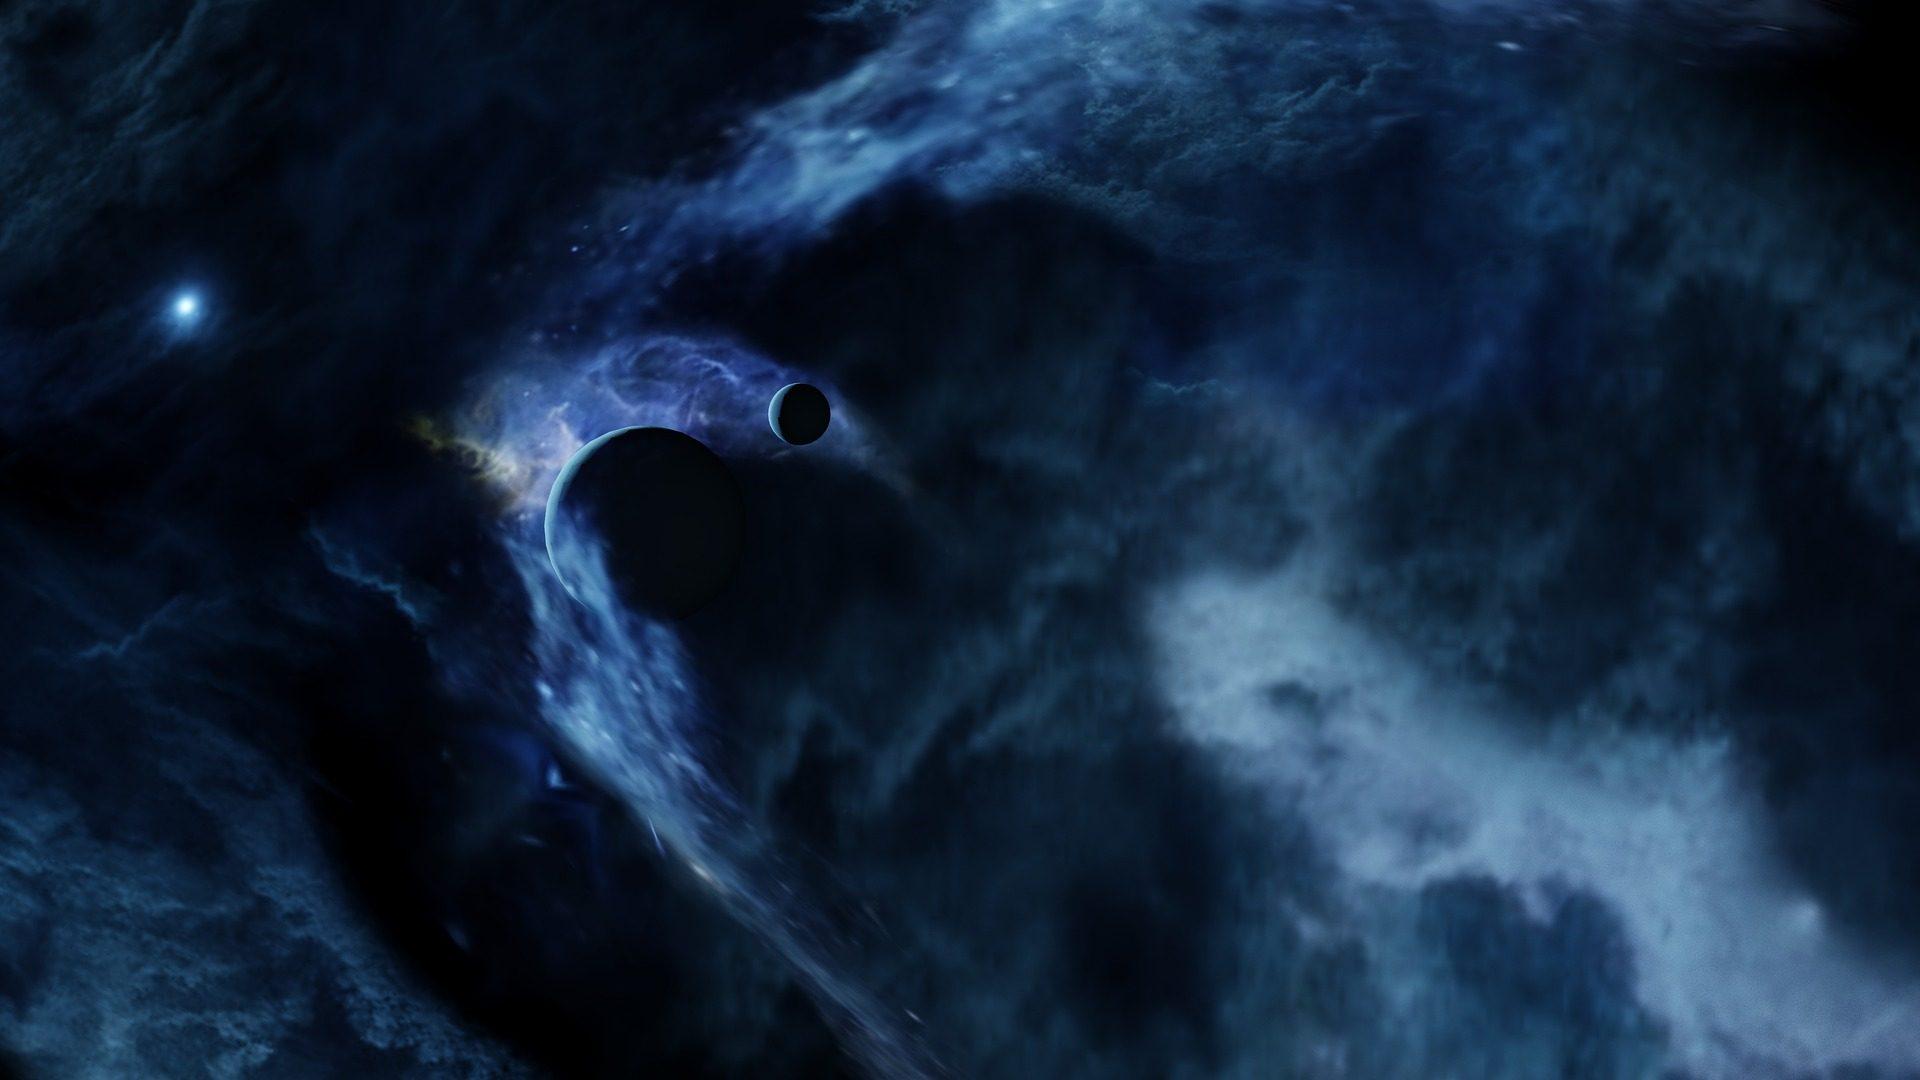 الفضاء, الكواكب, سديم, الكون, مجرة - خلفيات عالية الدقة - أستاذ falken.com